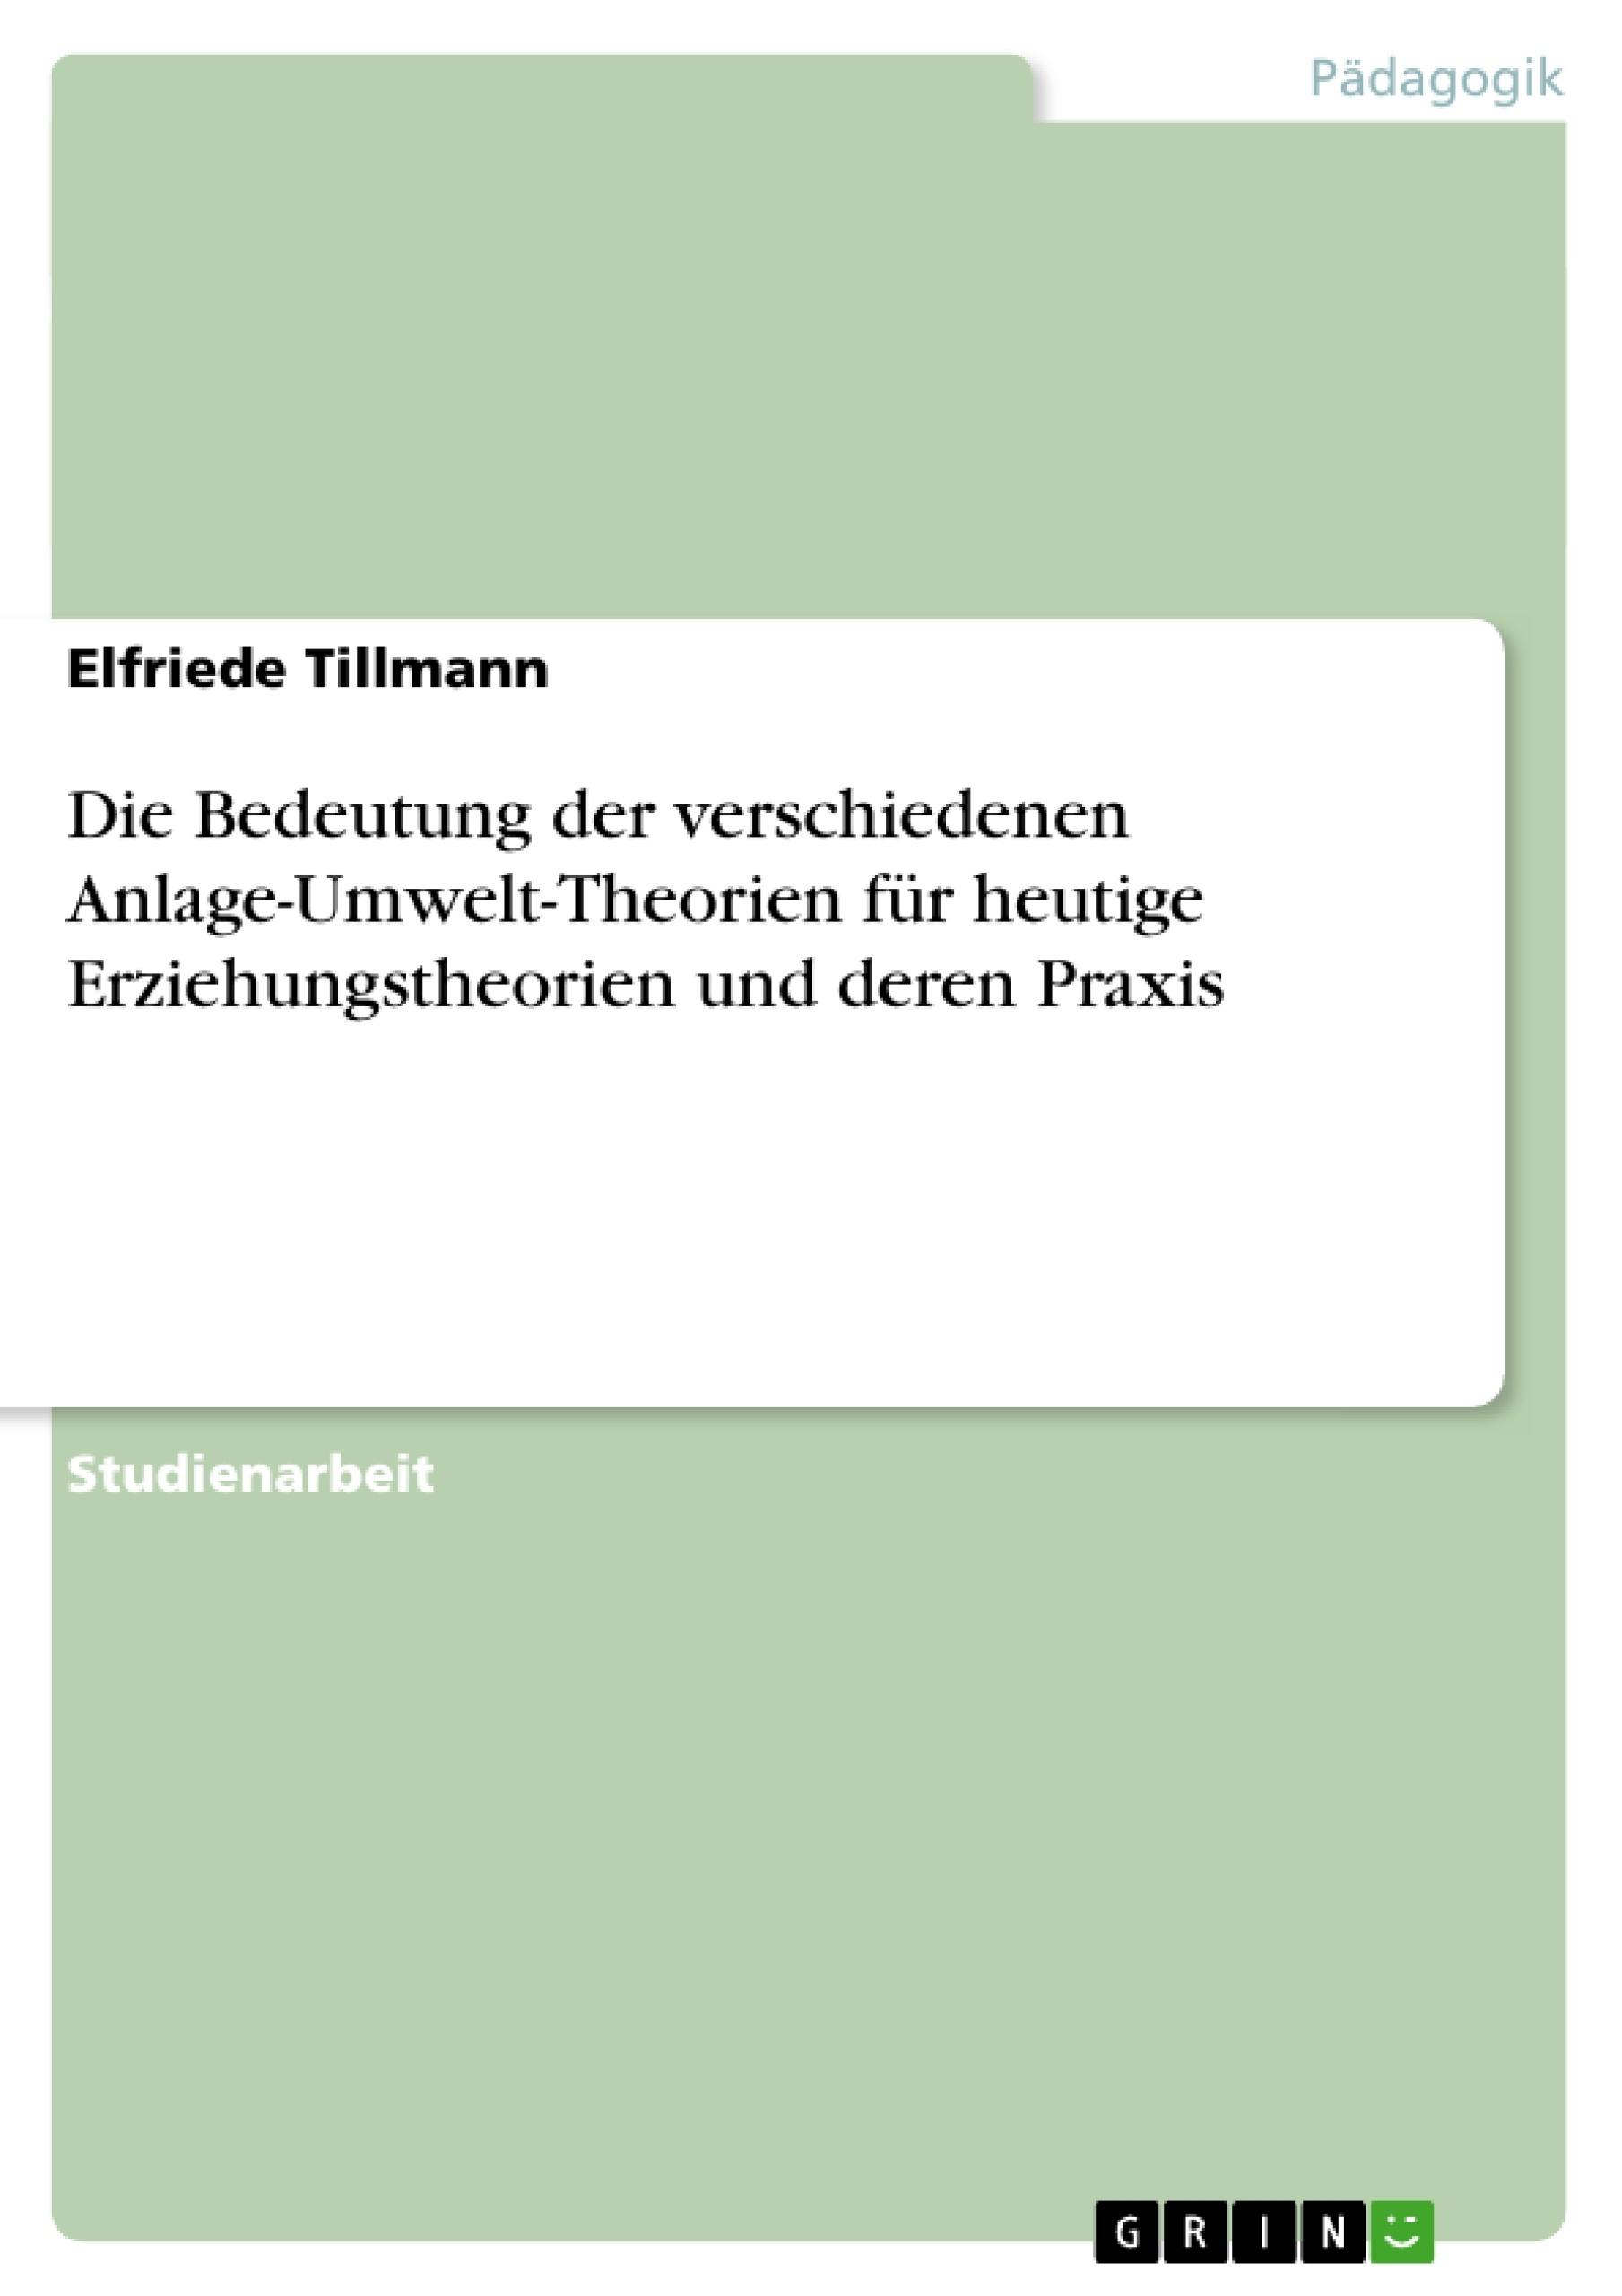 Titel: Die Bedeutung der verschiedenen Anlage-Umwelt-Theorien für heutige Erziehungstheorien und deren Praxis